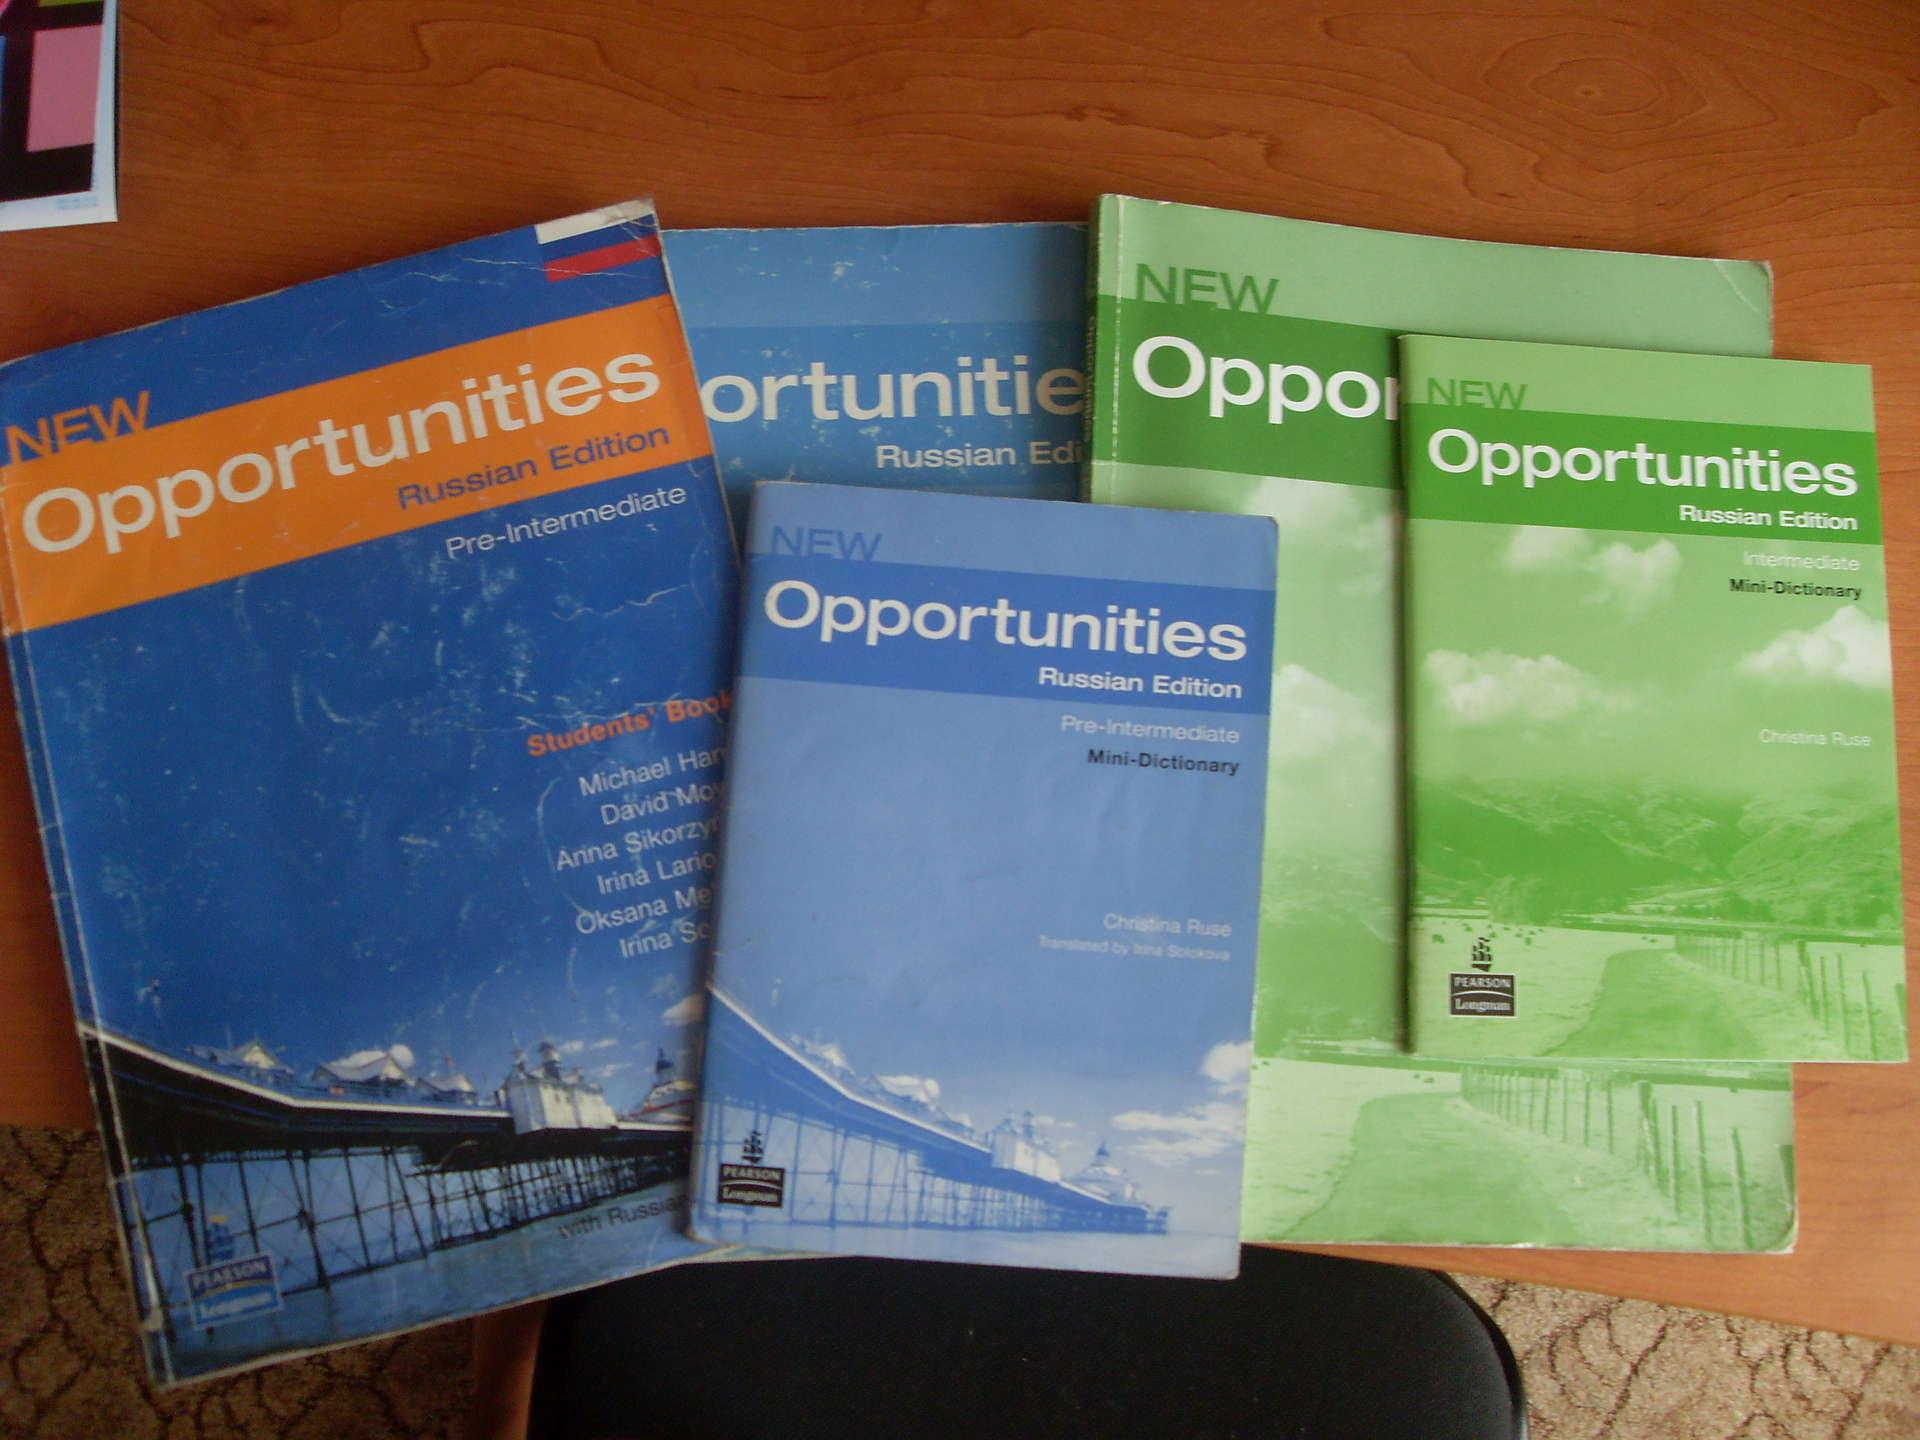 гдз по английскому языку opportunities russian edition рабочая